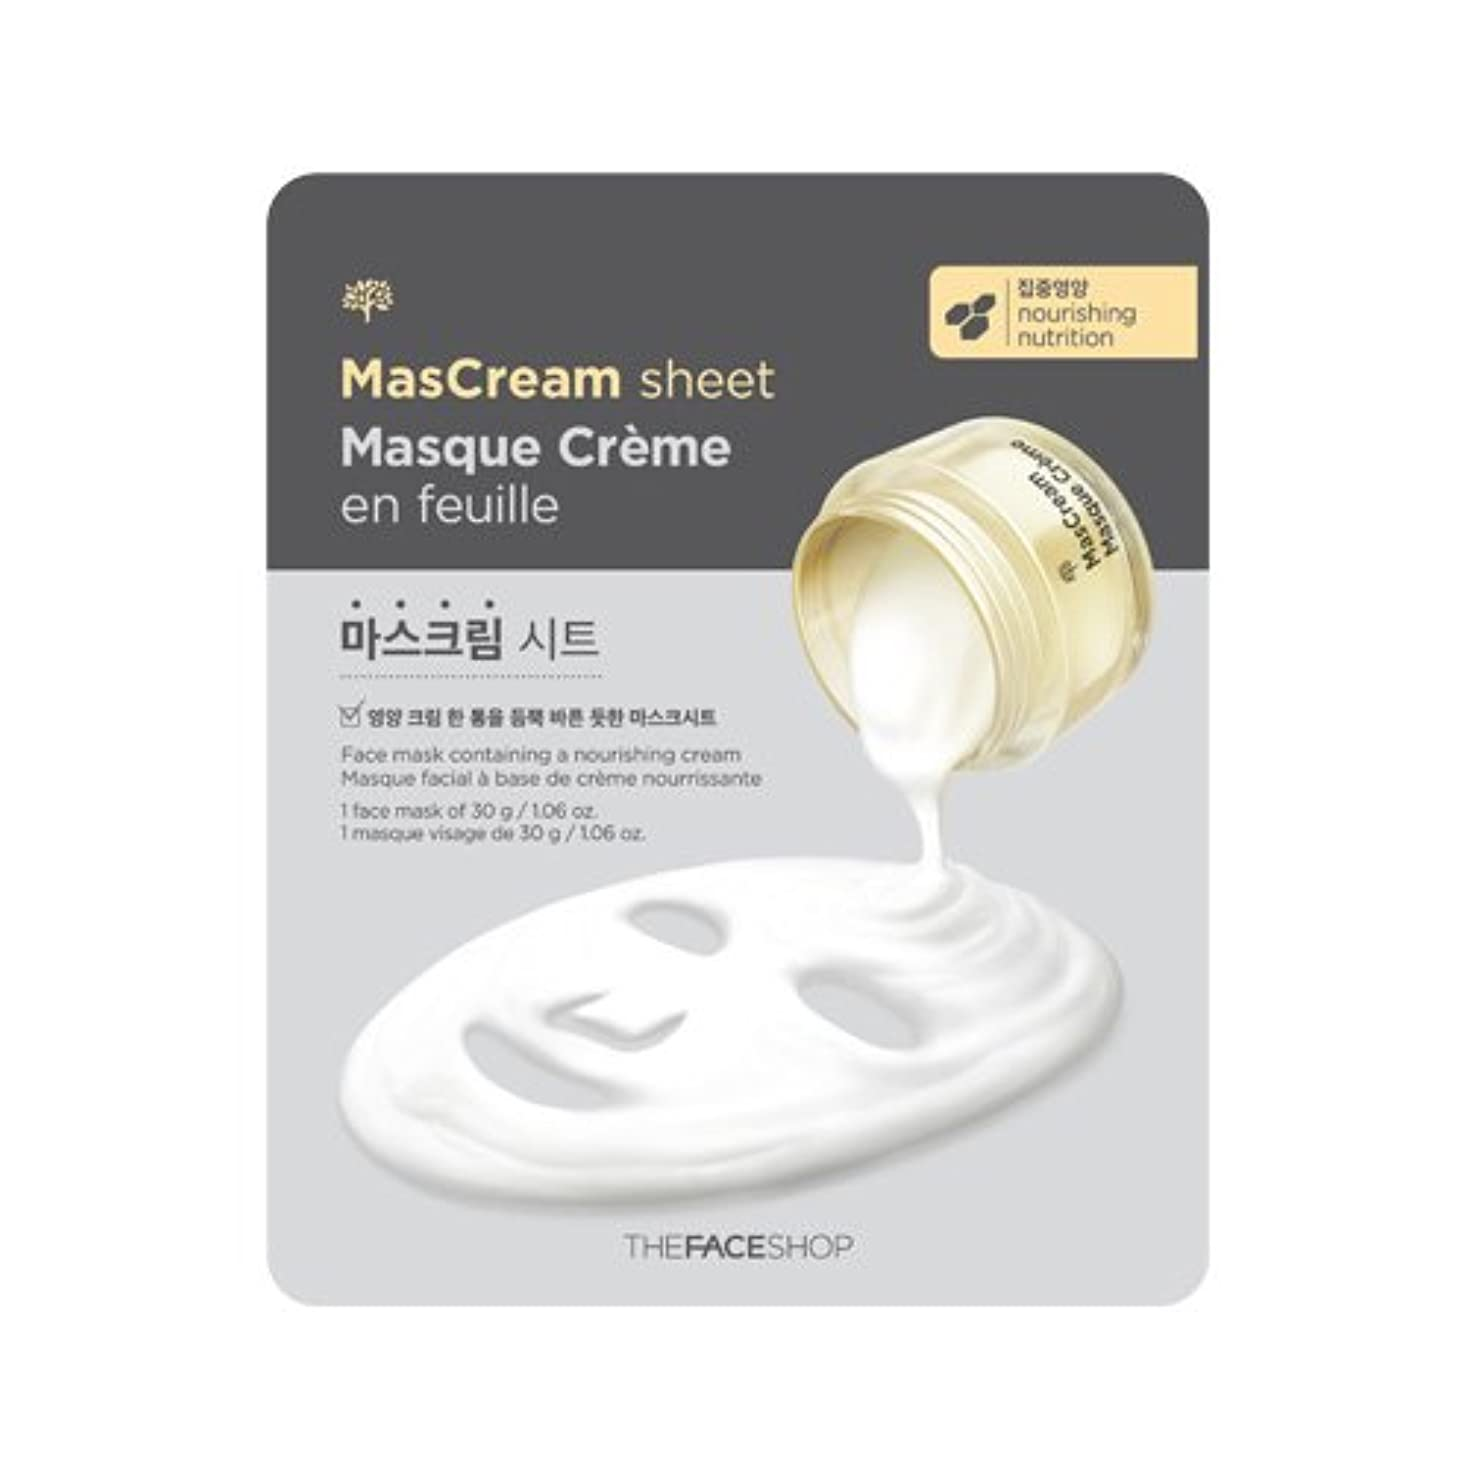 タオル条約無力ザフェイスショップ [THE FACE SHOP] MASCREAM SHEET x 2sheets マスクリームパック 2枚 (栄養 / NOURISHING) [並行輸入品]